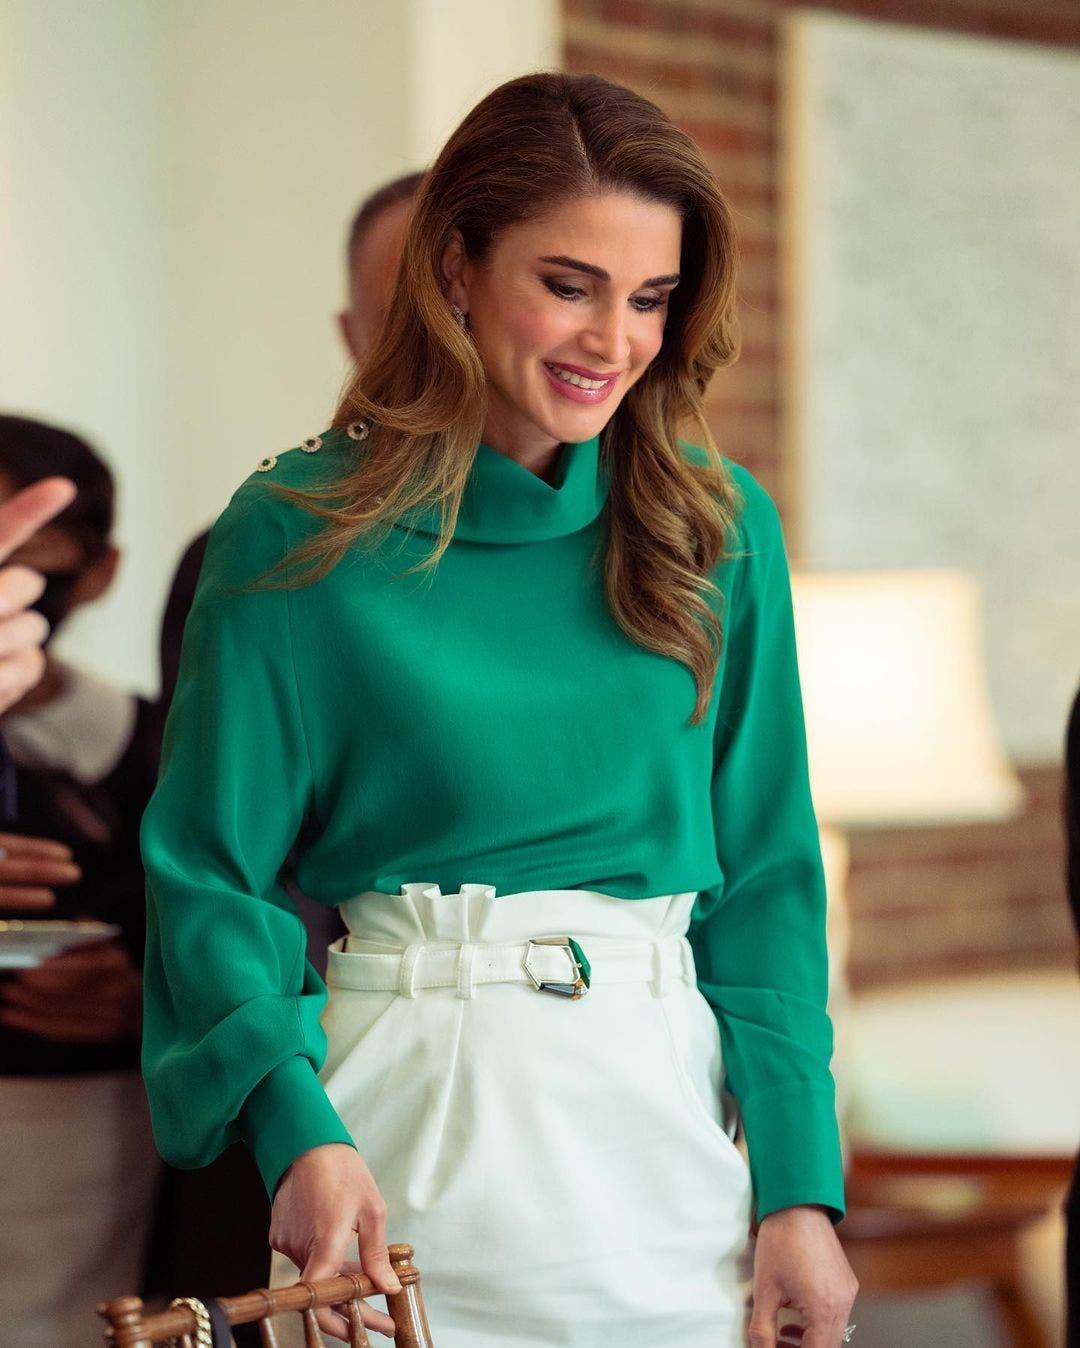 الملكة رانيا بإطلالة بالأخضر والأبيض خلال الزيارة